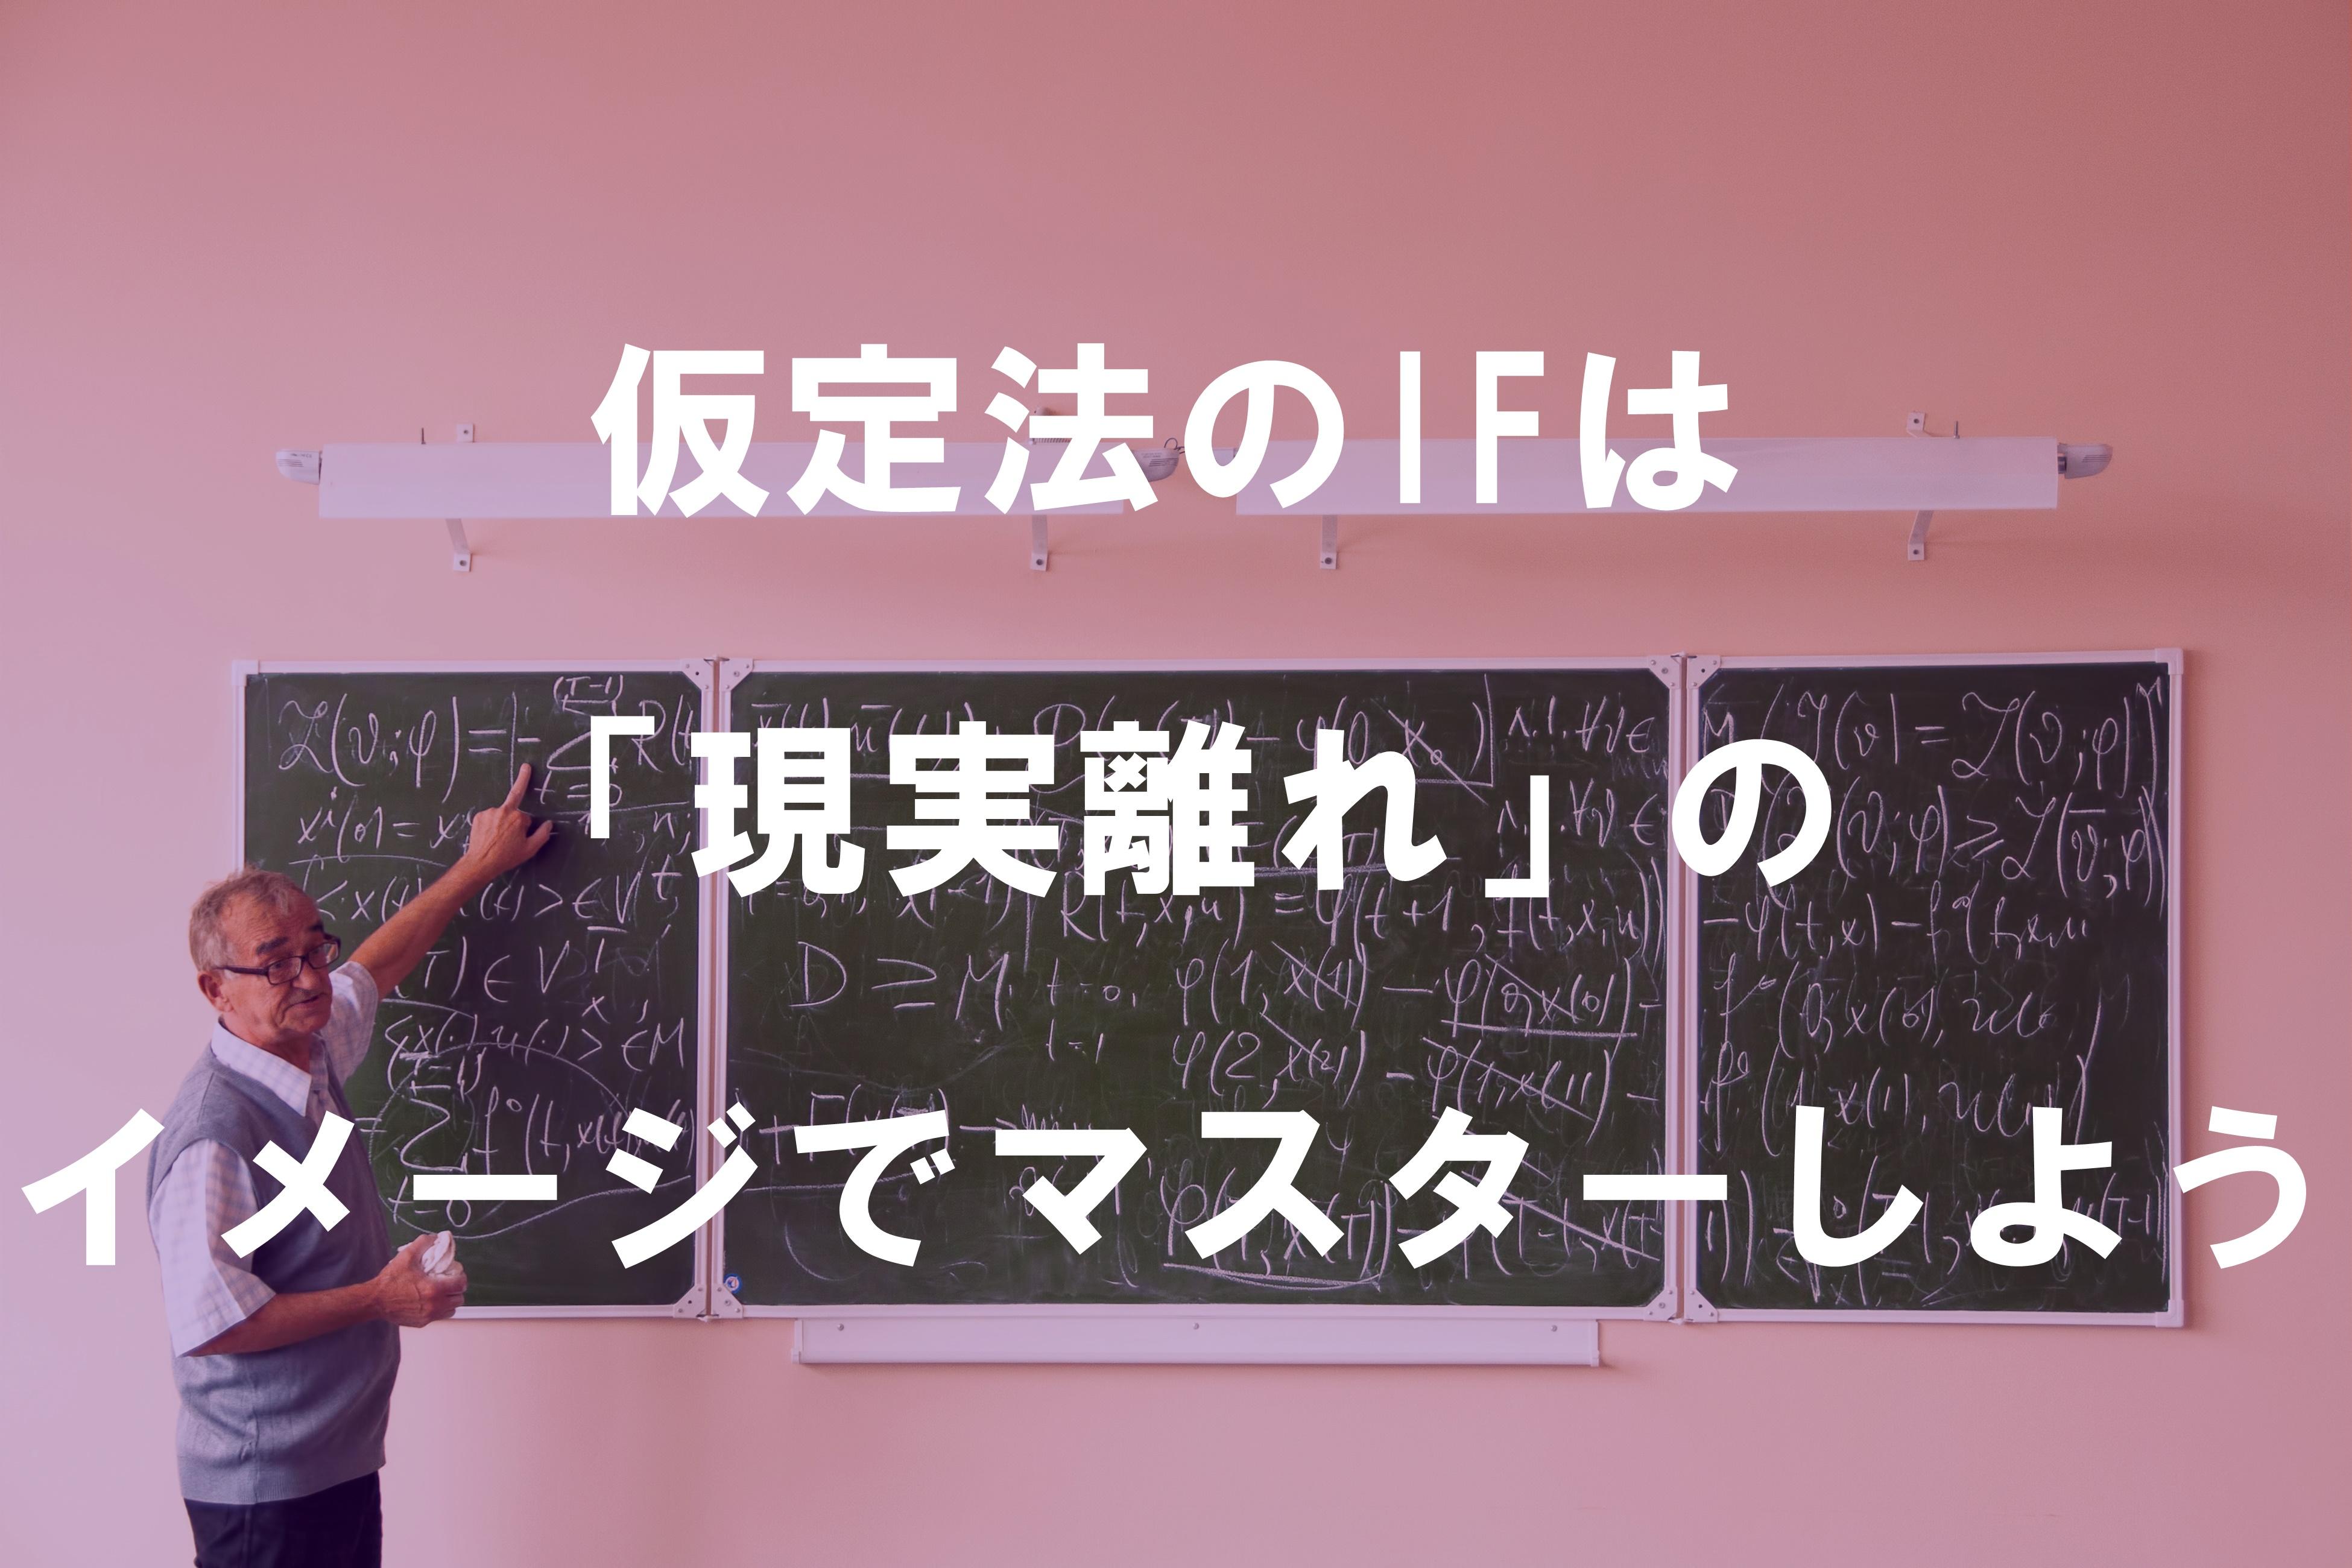 仮定法のIFは「現実離れ」のイメージでマスターしよう